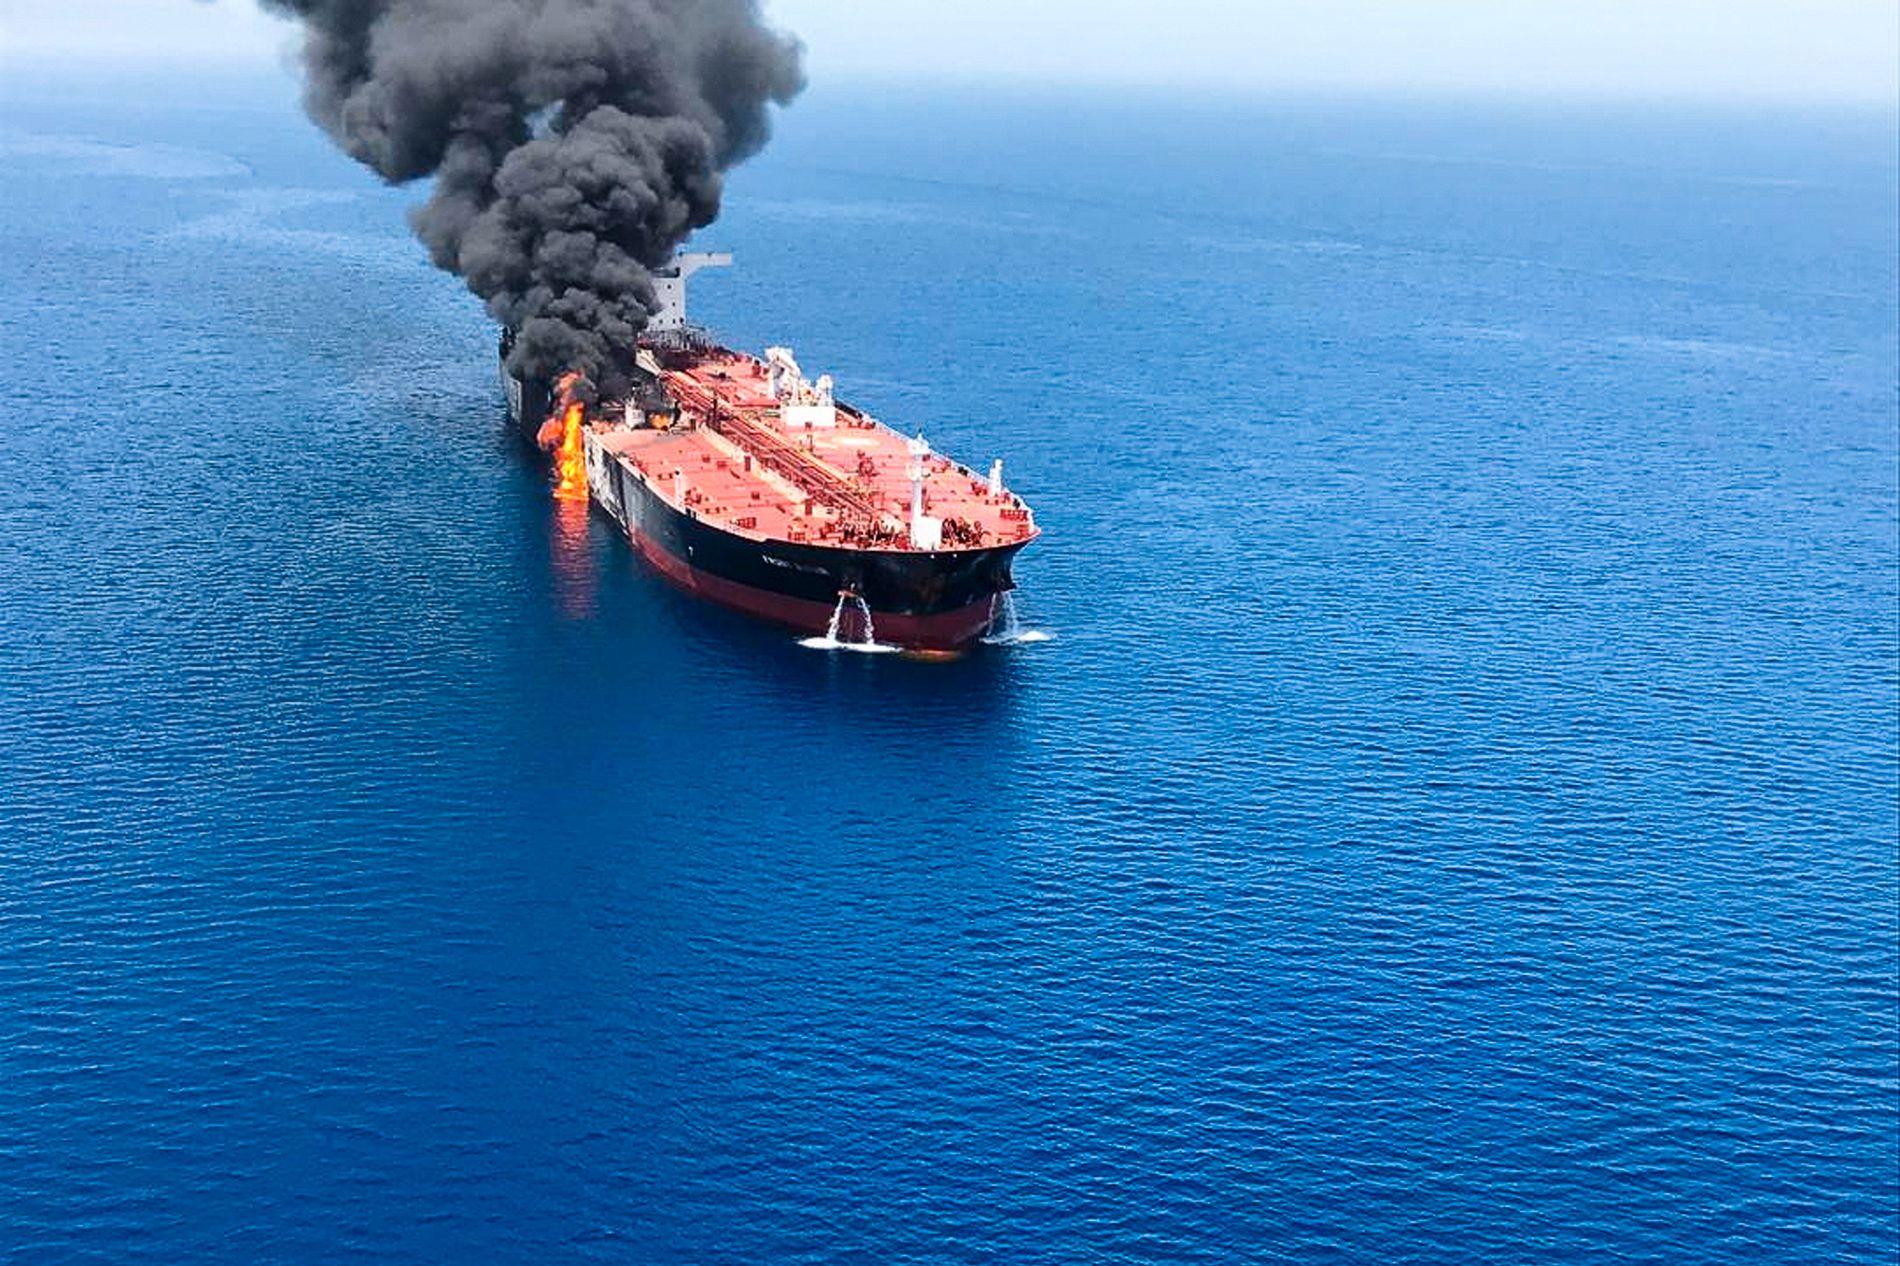 Oljetankeren Front Altair, som er eid av John Fredriksens rederi Frontline, i brann etter eksplosjoner utenfor kysten av Iran torsdag.